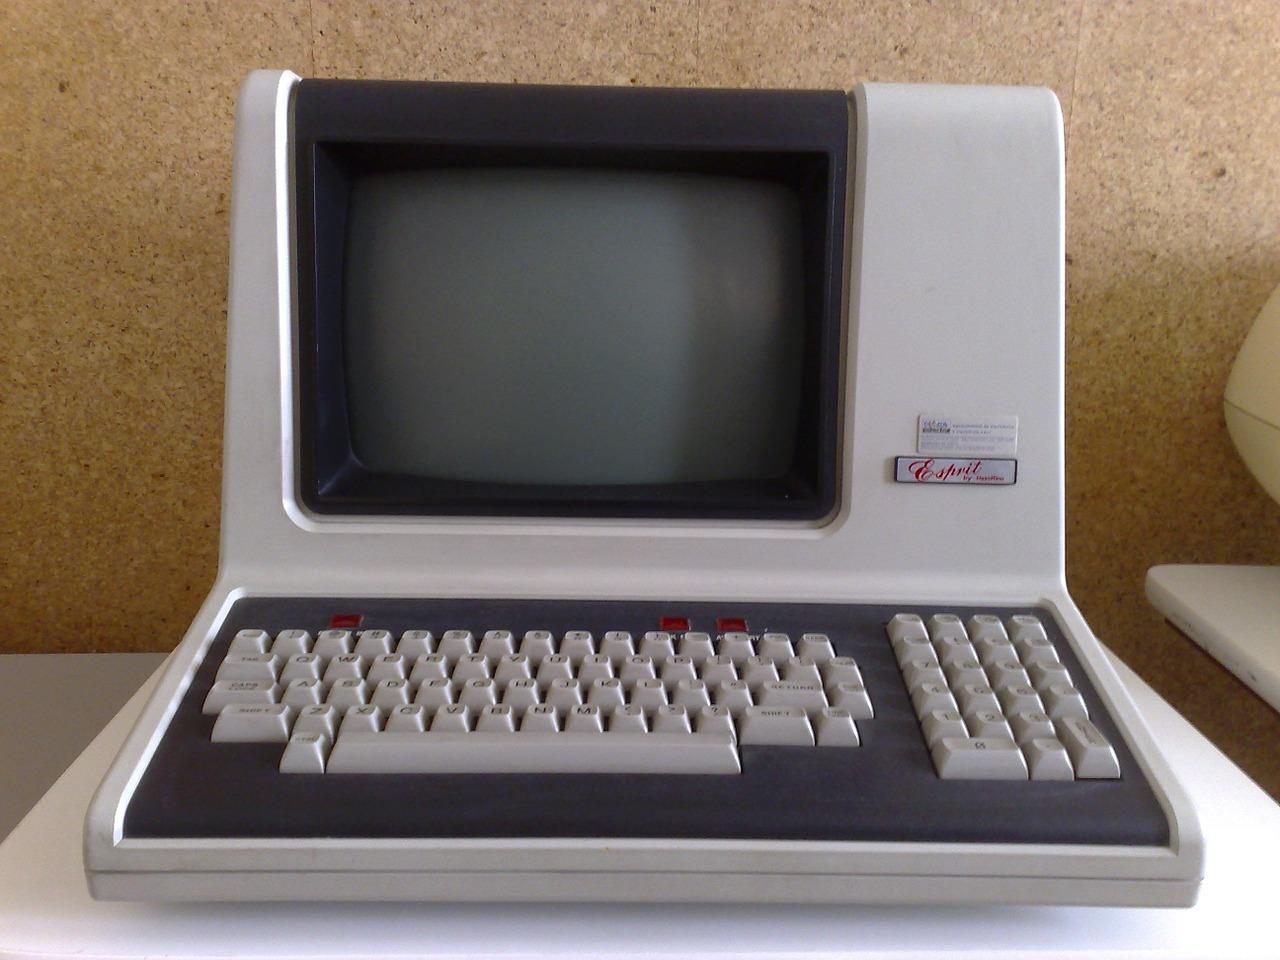 Egy kis odafigyeléssel a régi szoftverek is használhatók